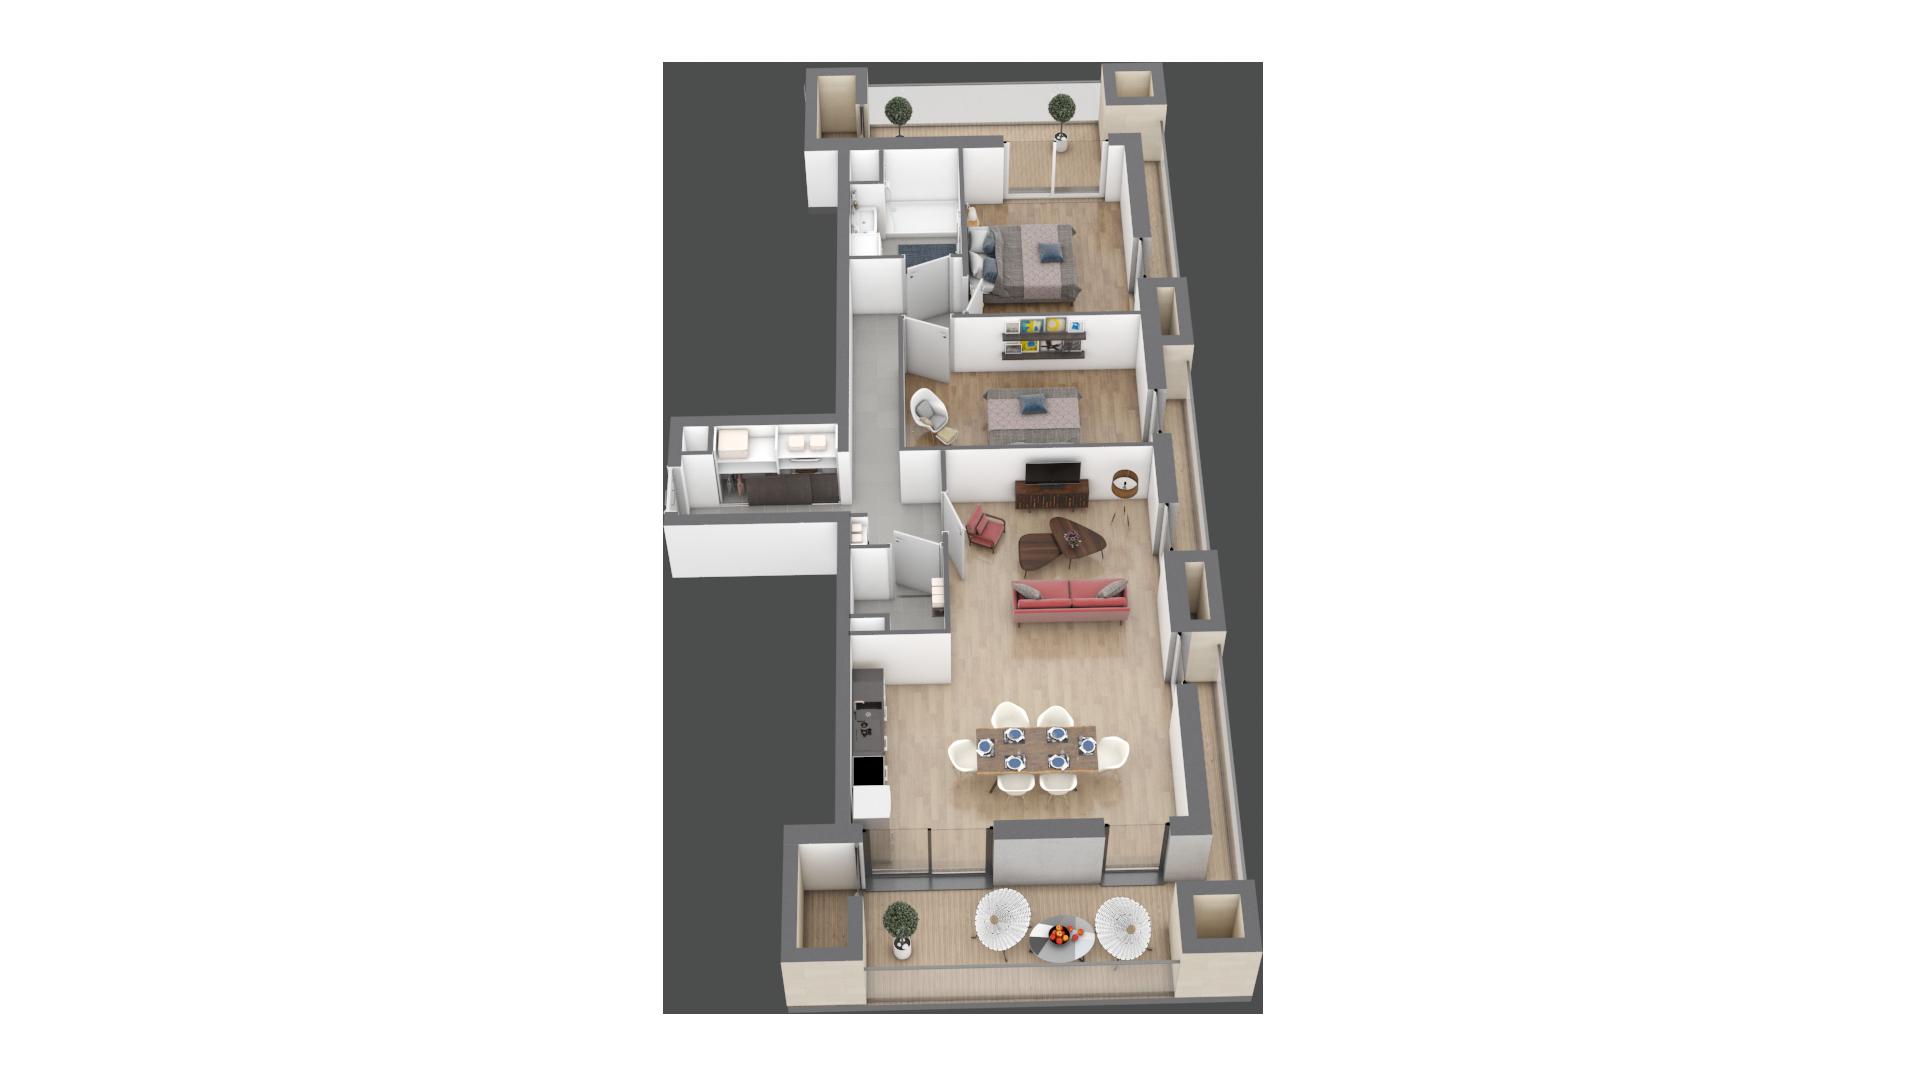 appartement B103 de type T3